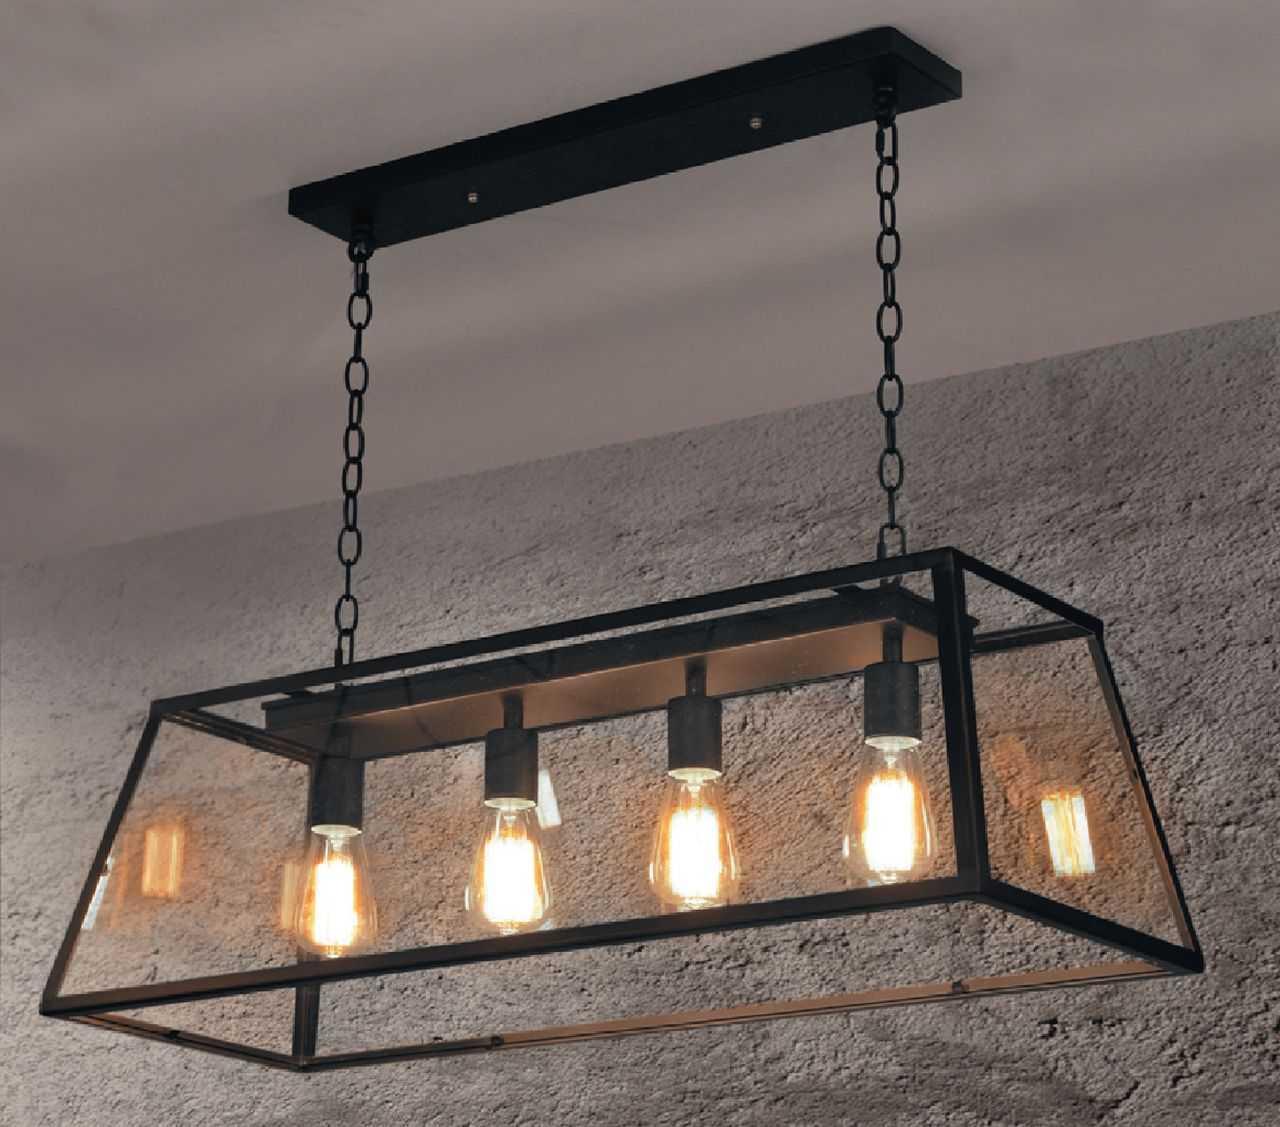 Люстры в стиле loft (49 фото): большие светильники-пауки в интерьере гостиной и дизайнерские белые и черные модели из труб